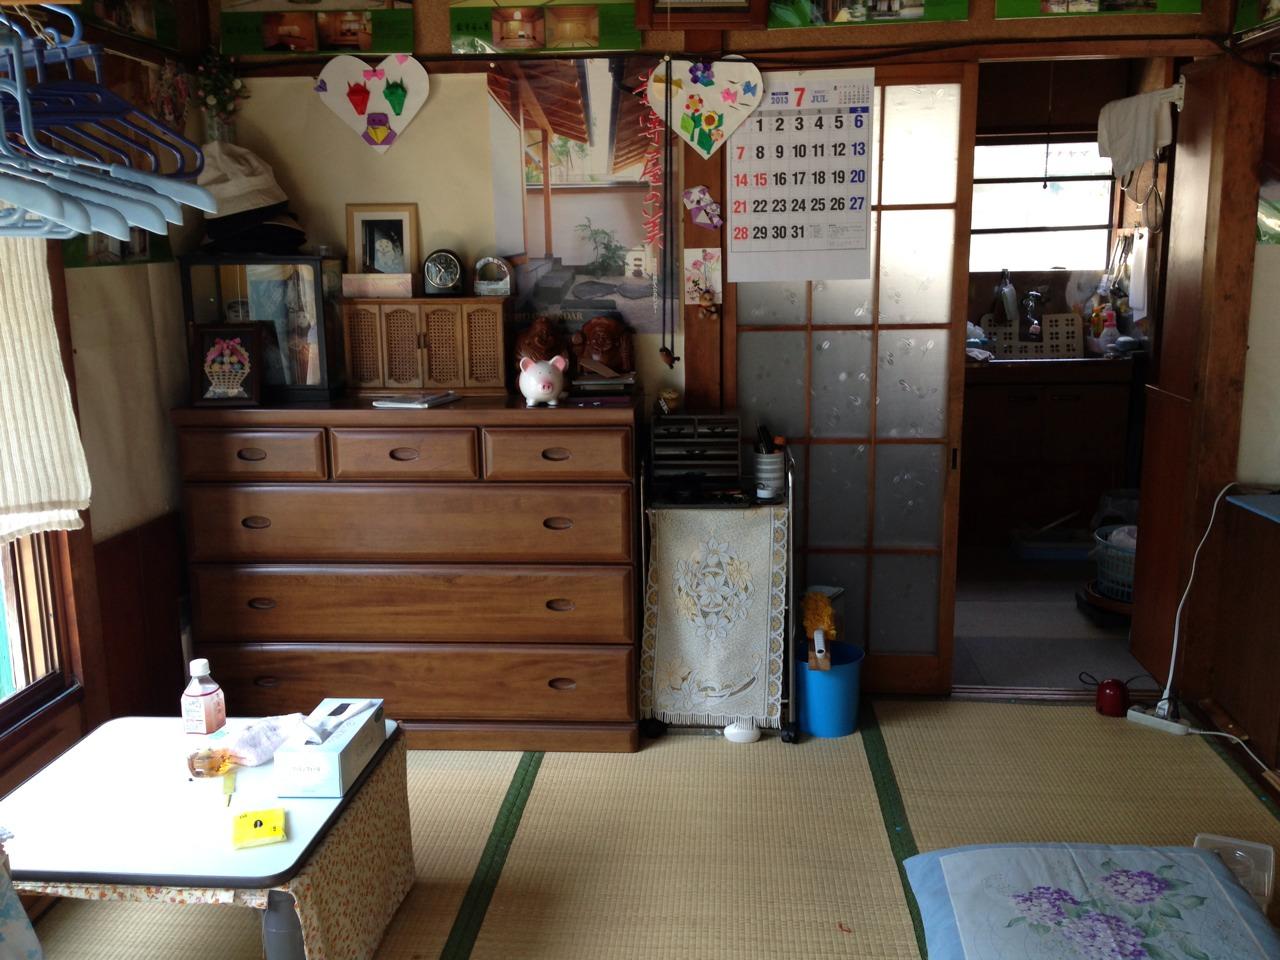 宮城県仙台市青葉区にお住まいのI.K様の不用品回収前のお部屋の画像